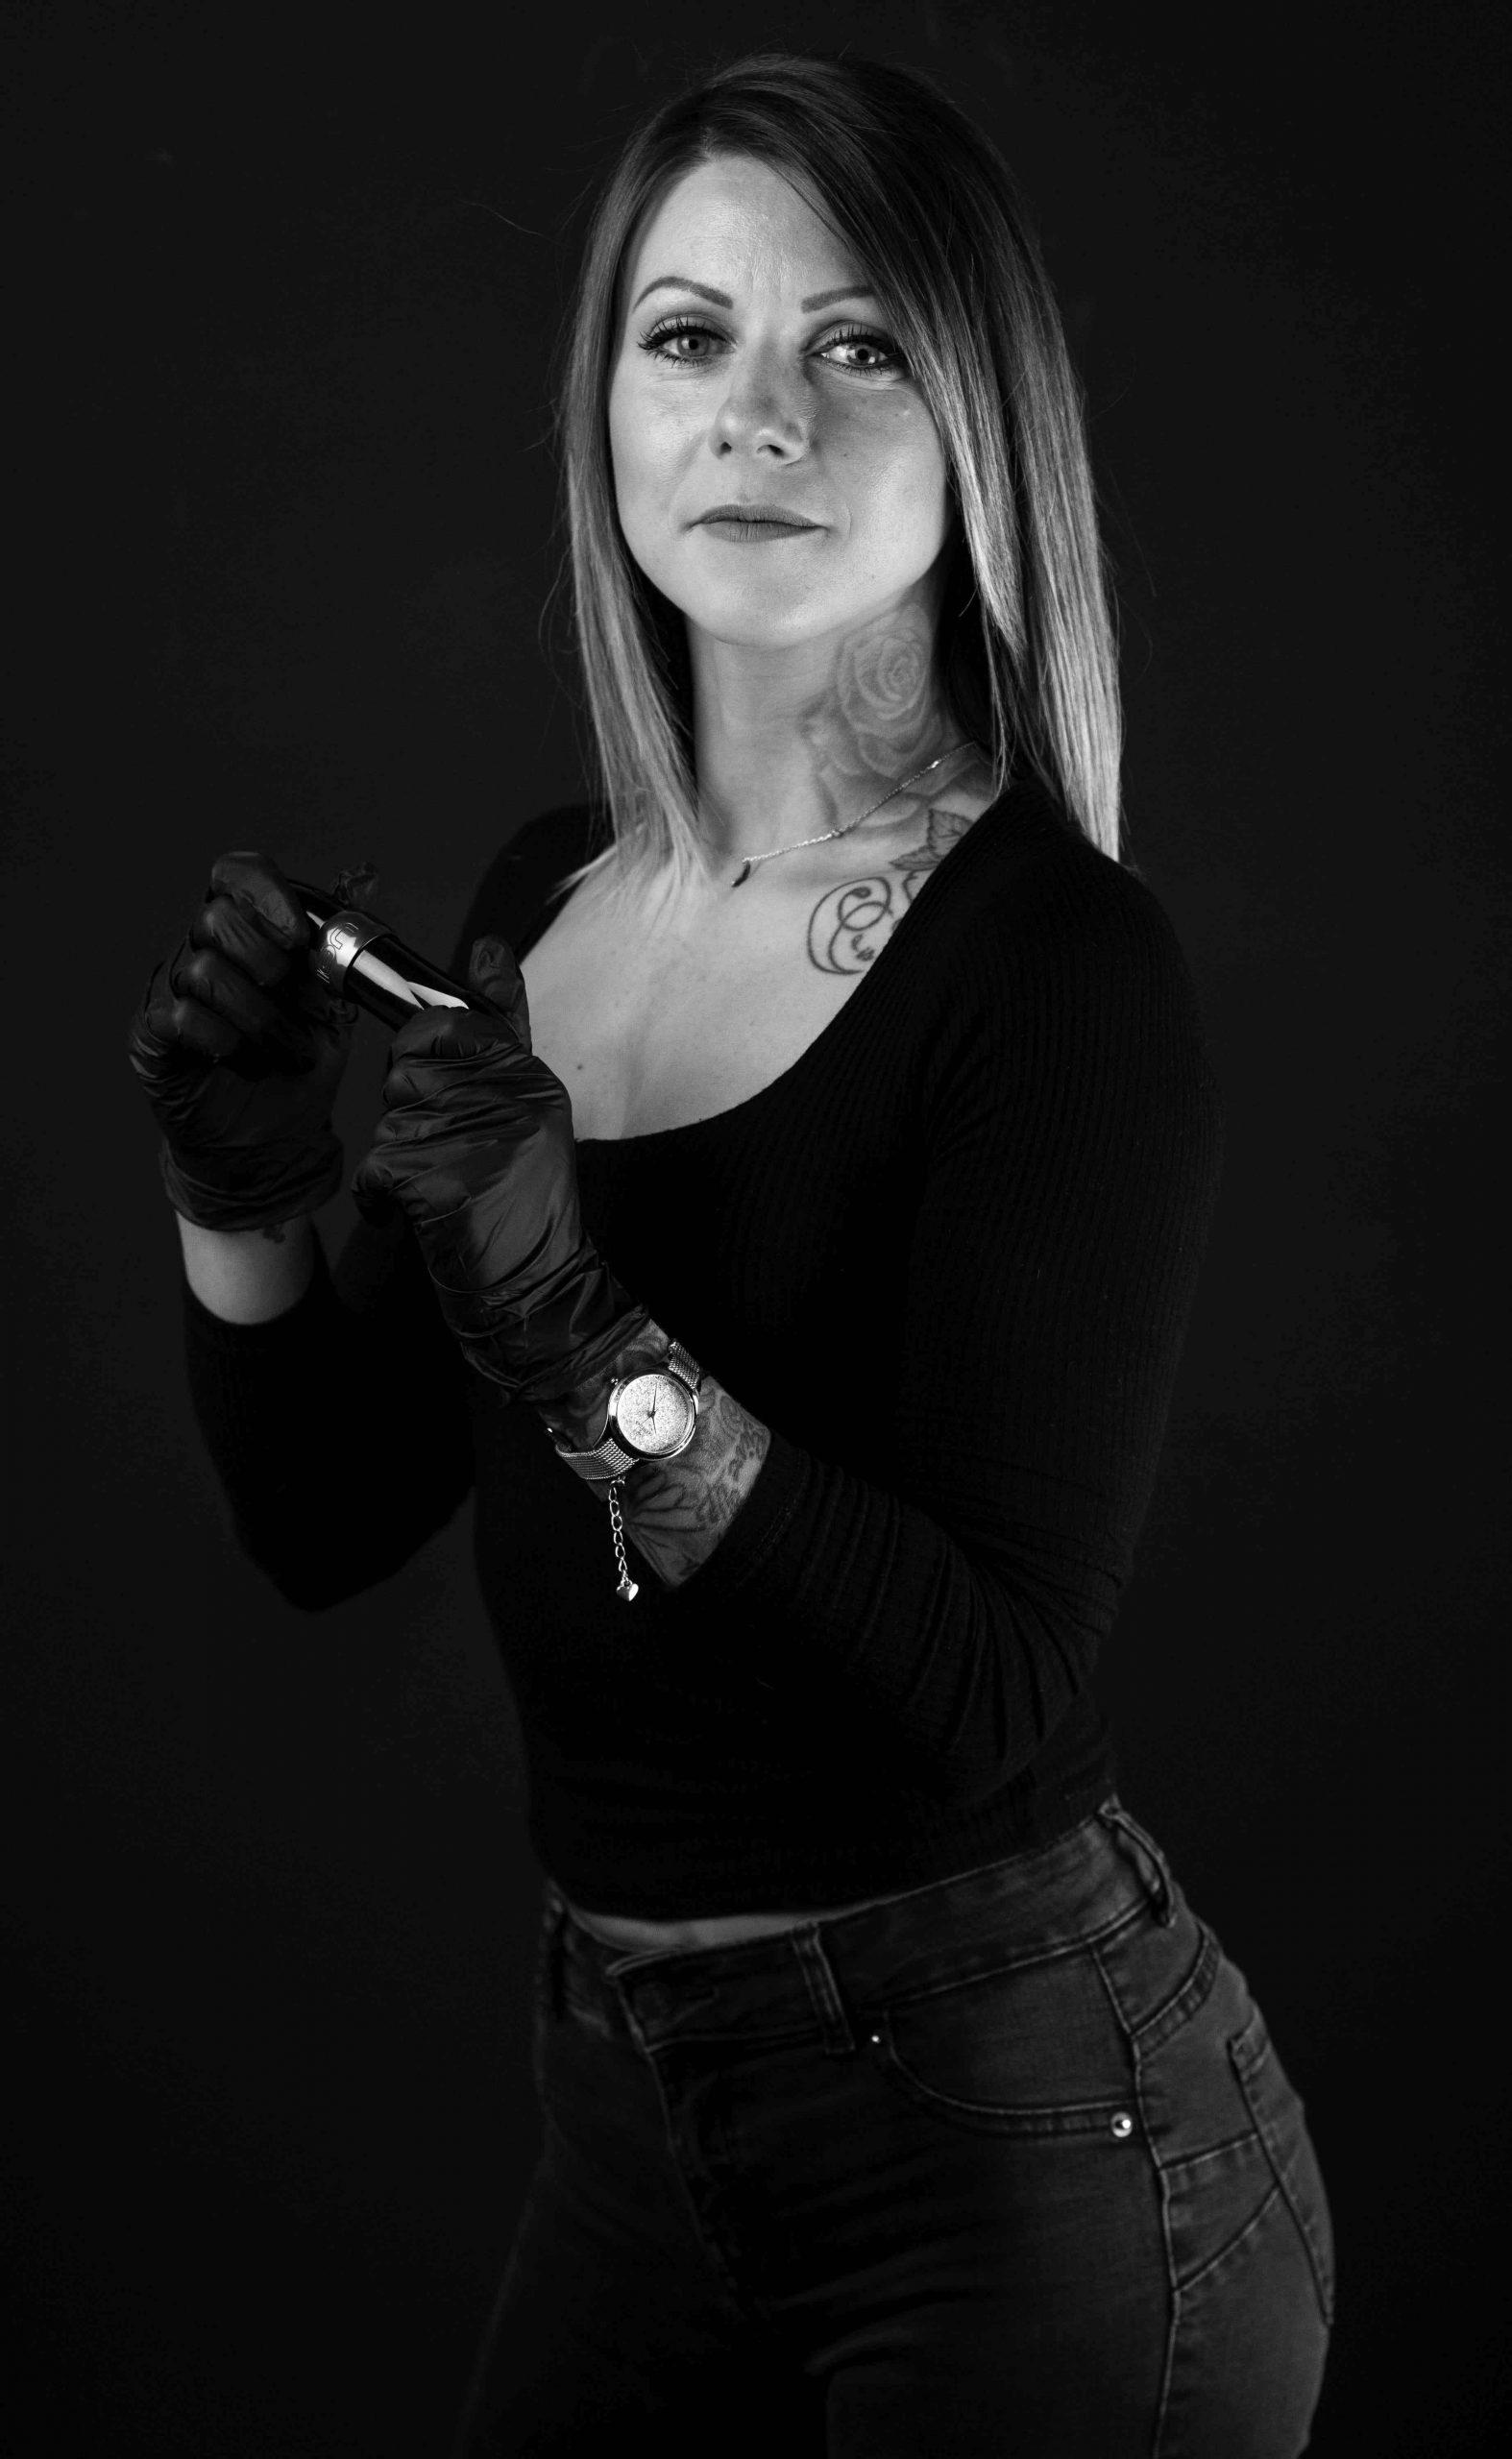 Kity tatuadora en Obsession Tattoo valenxia